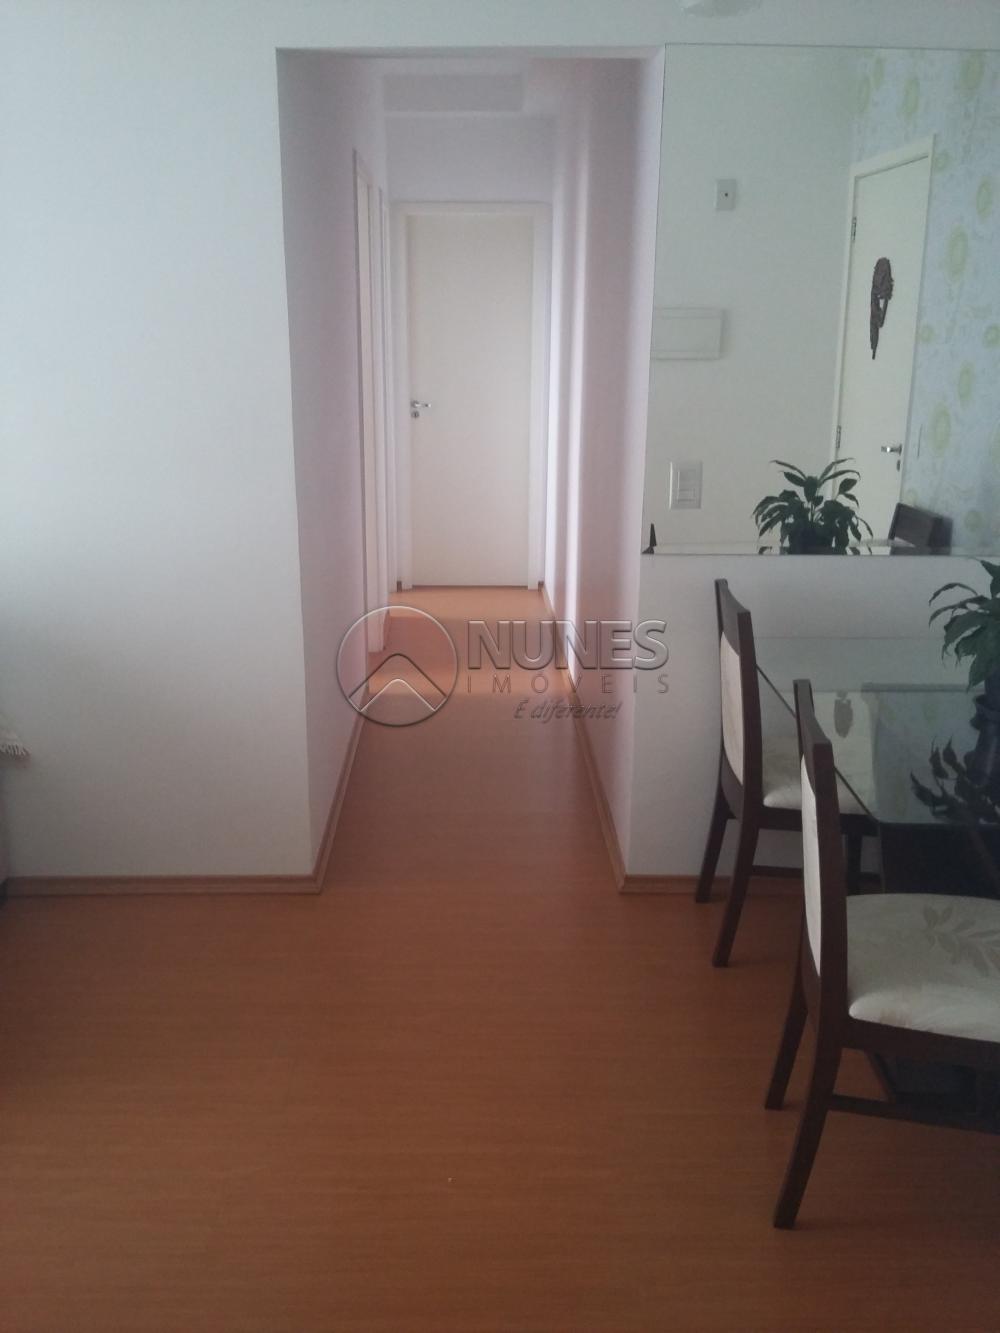 Comprar Apartamento / Padrão em Osasco apenas R$ 250.000,00 - Foto 6